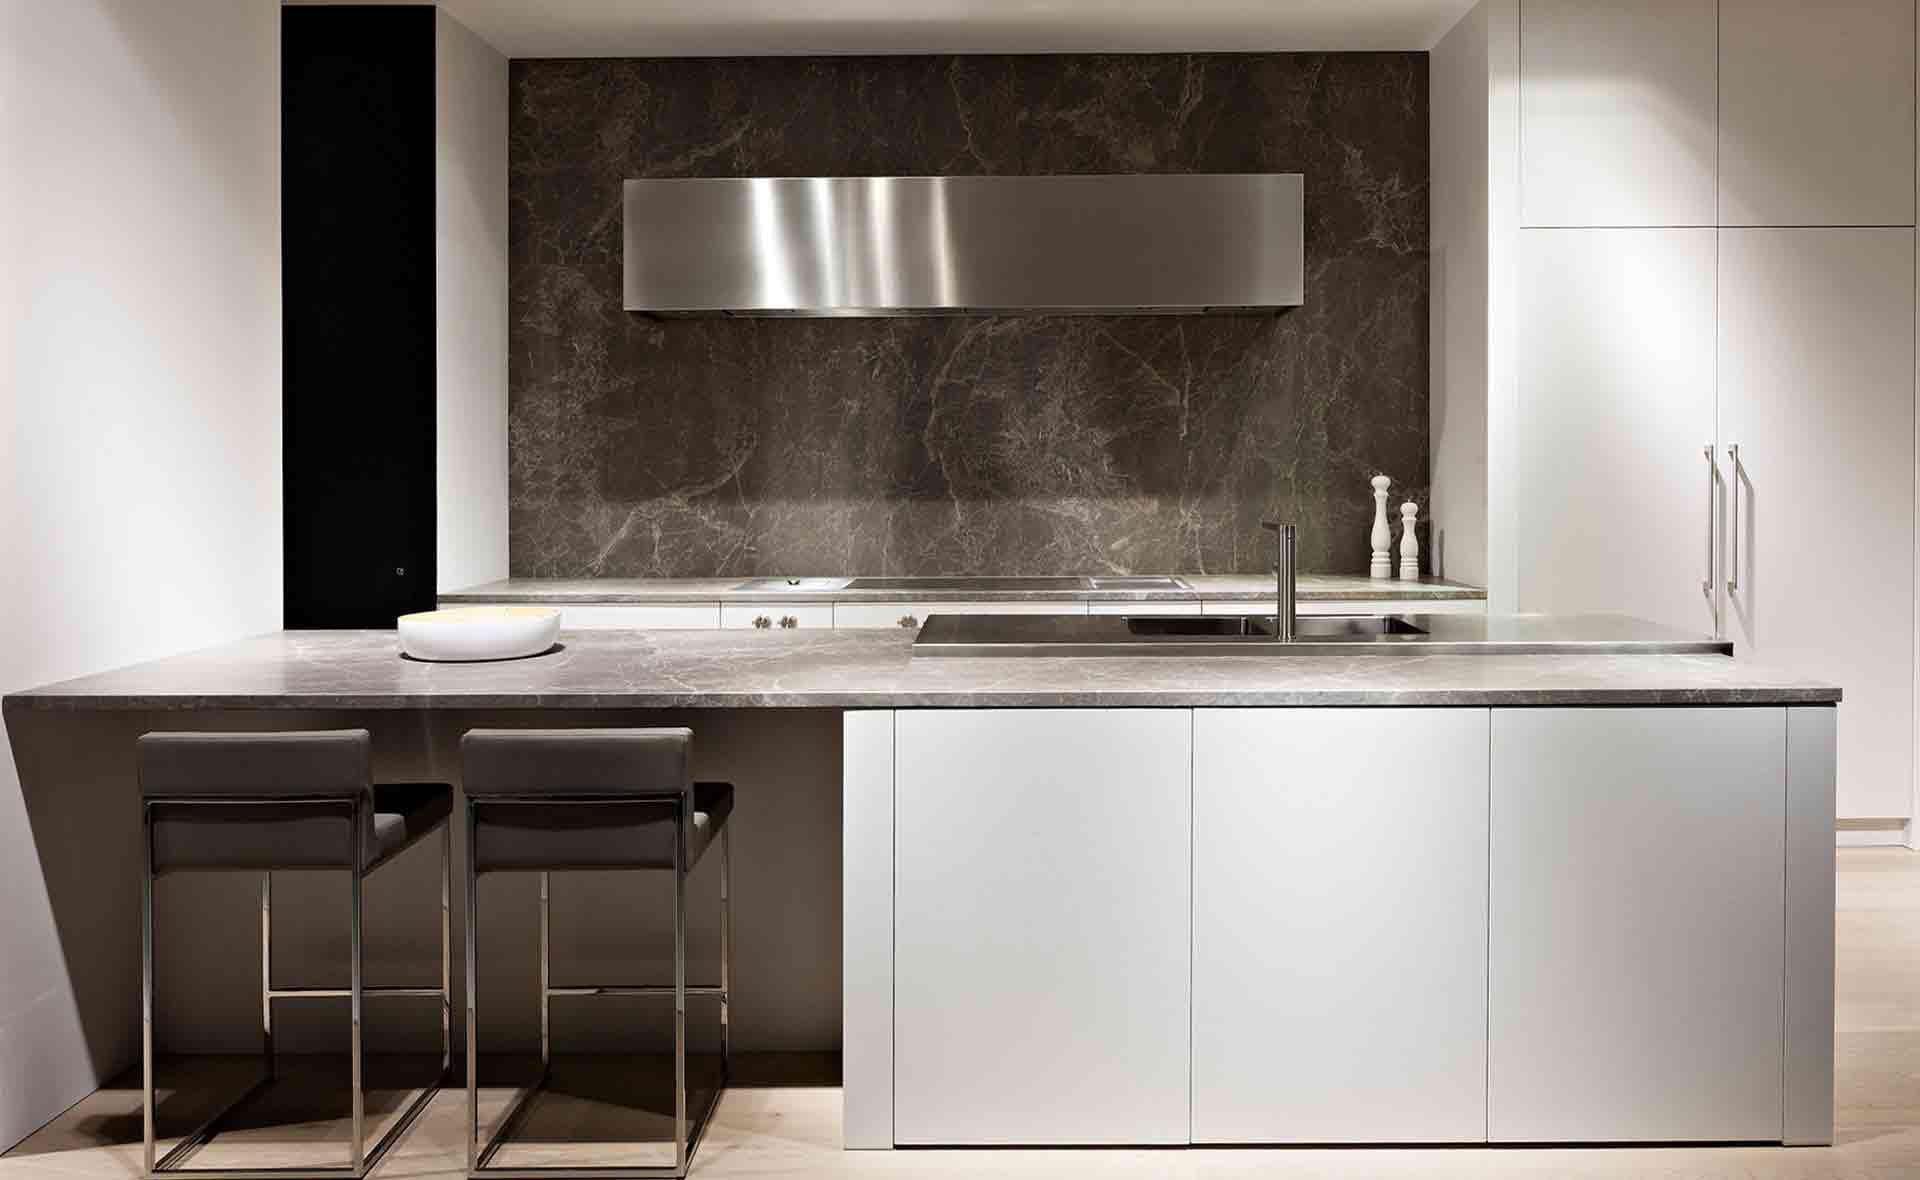 Dekeyzer-hedendaagse-keuken-interieur-1.jpg